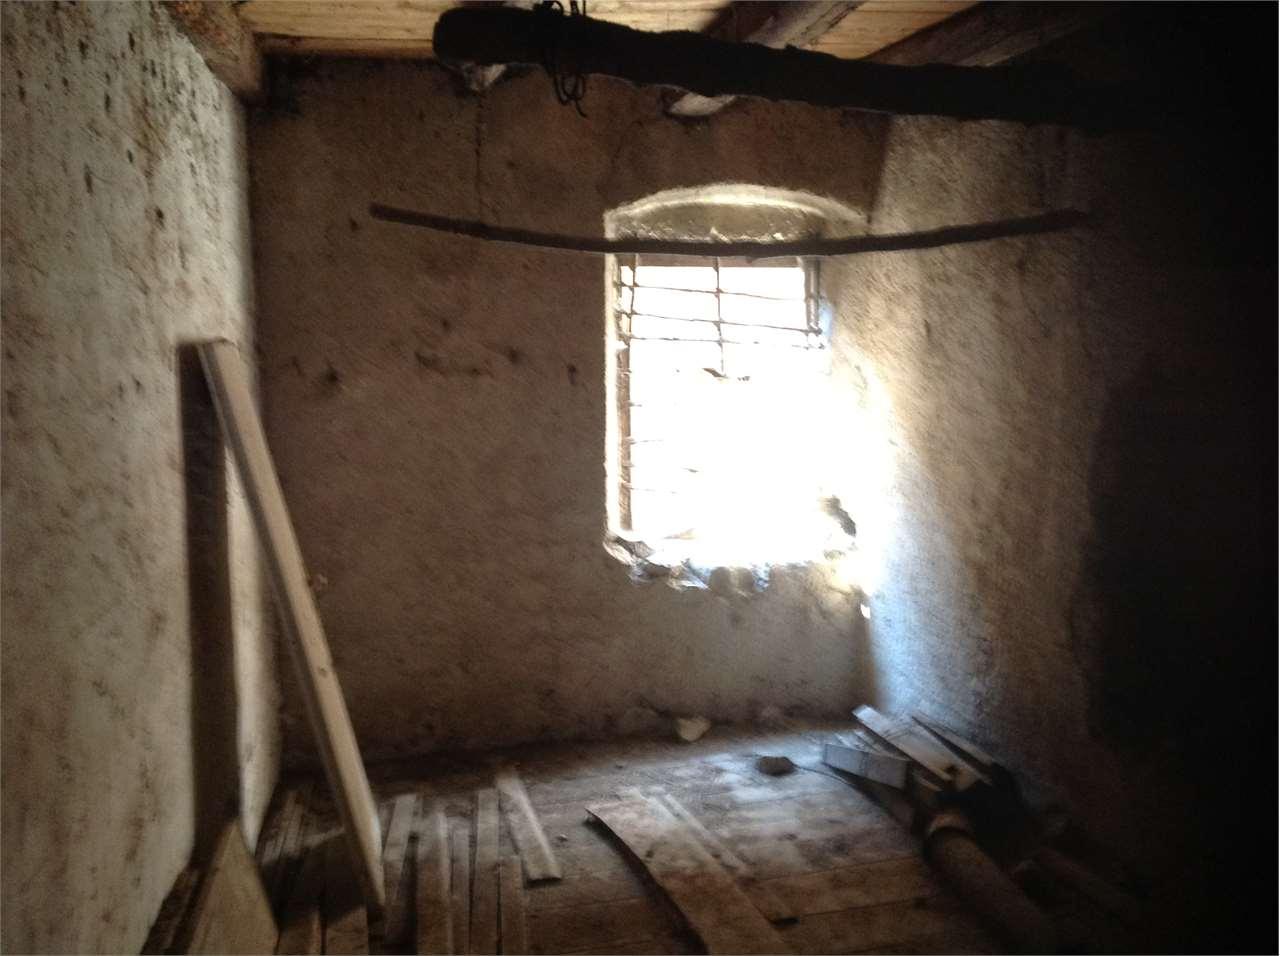 Foto casale/rustico in vendita a Rovereto (Trento)